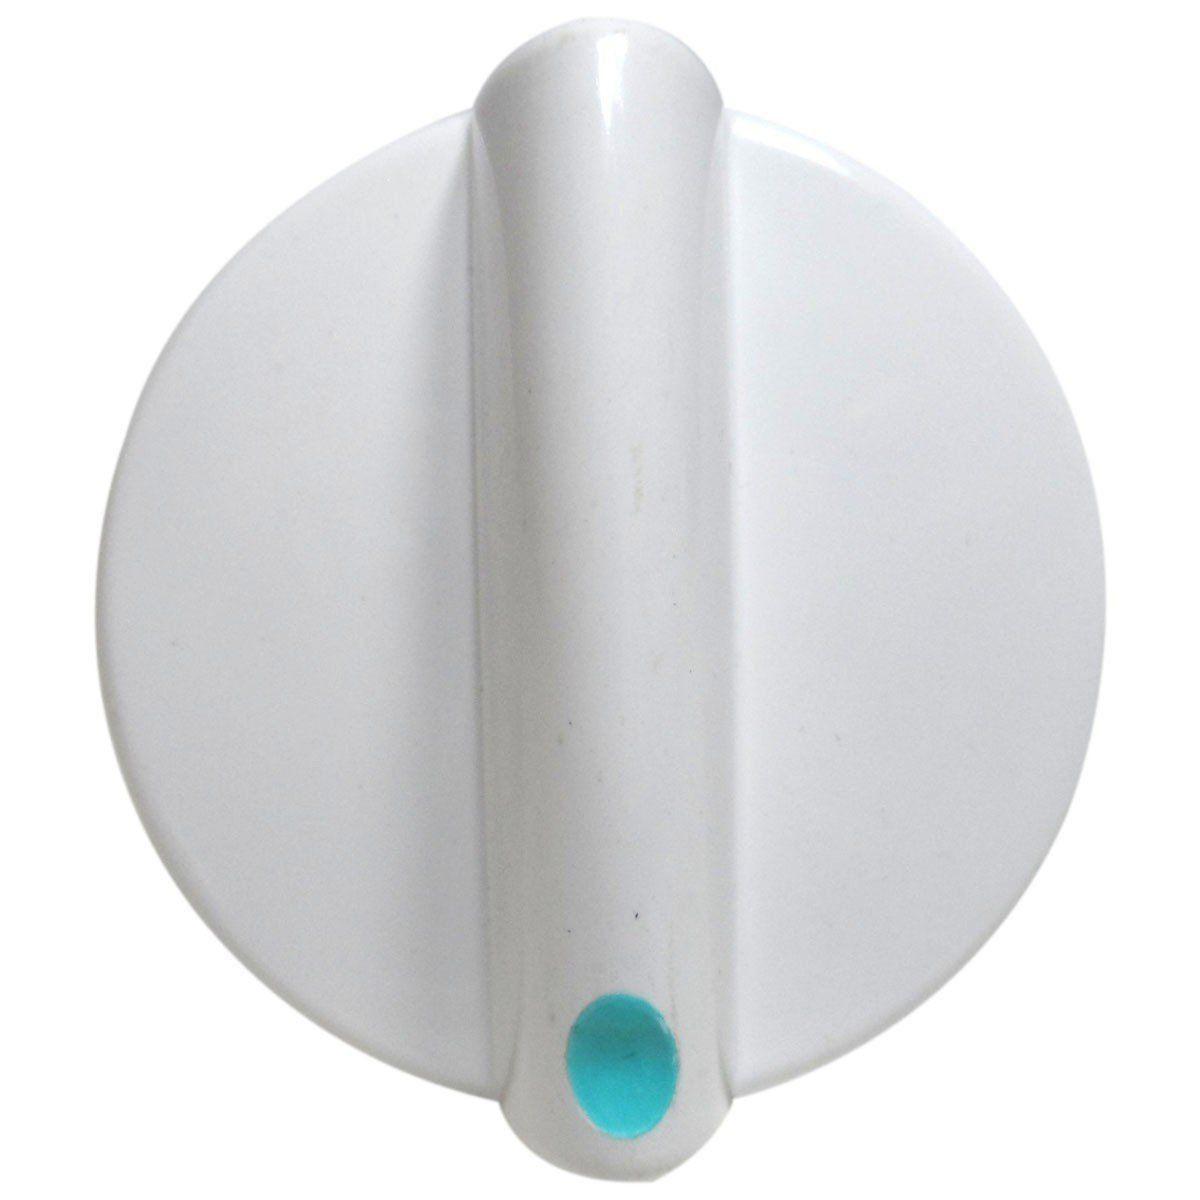 BotãoTimer Pressostato Lavadora Eelectrolux 67493216